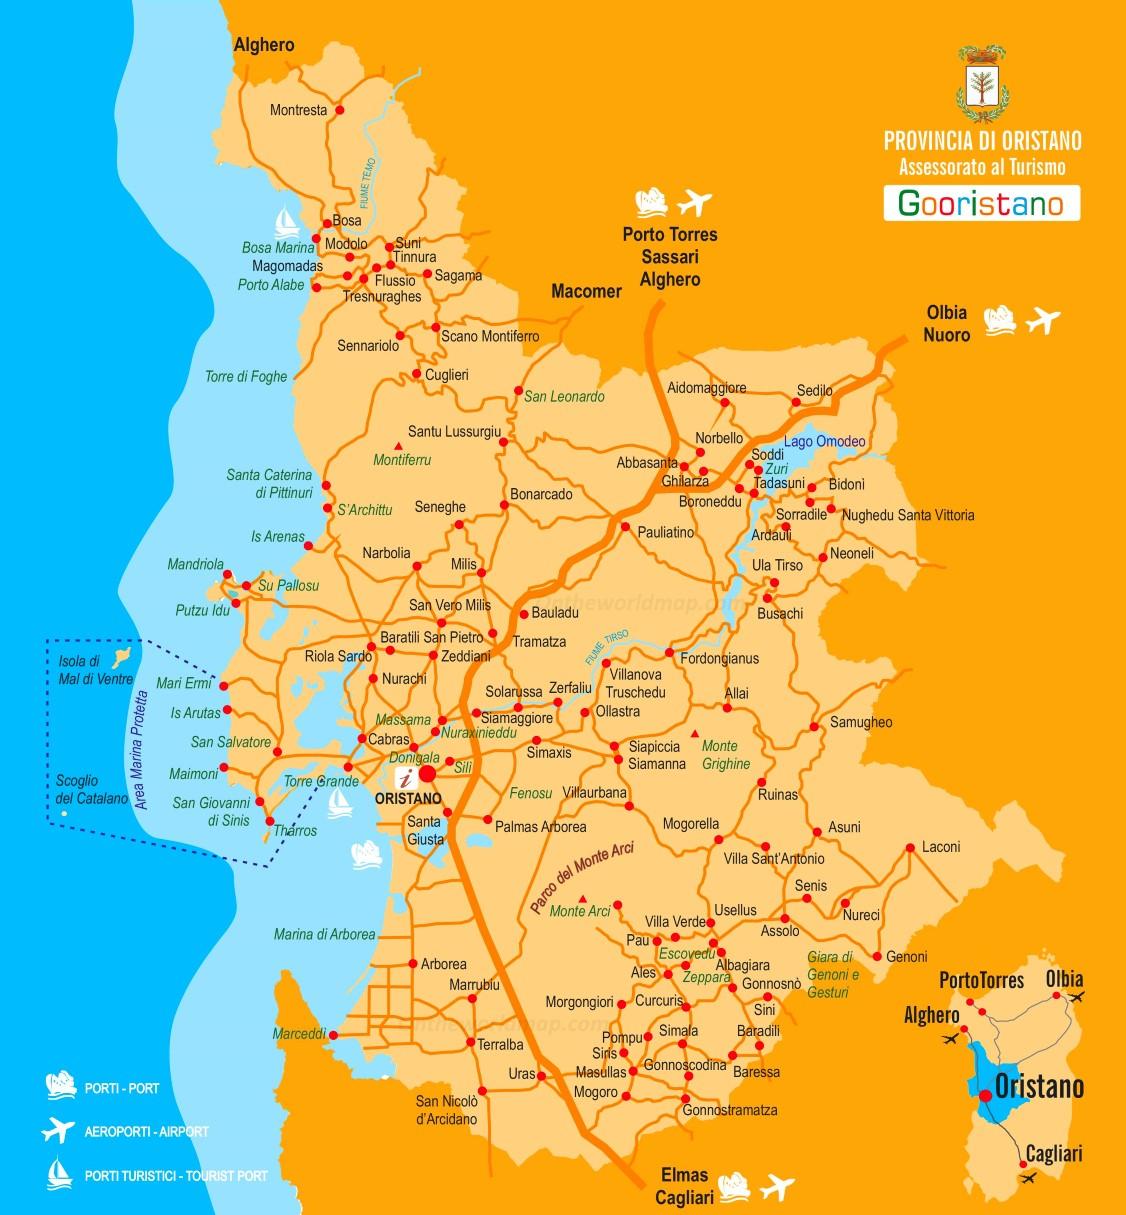 Cartina Sardegna Oristano.Provincia Di Oristano Mappa